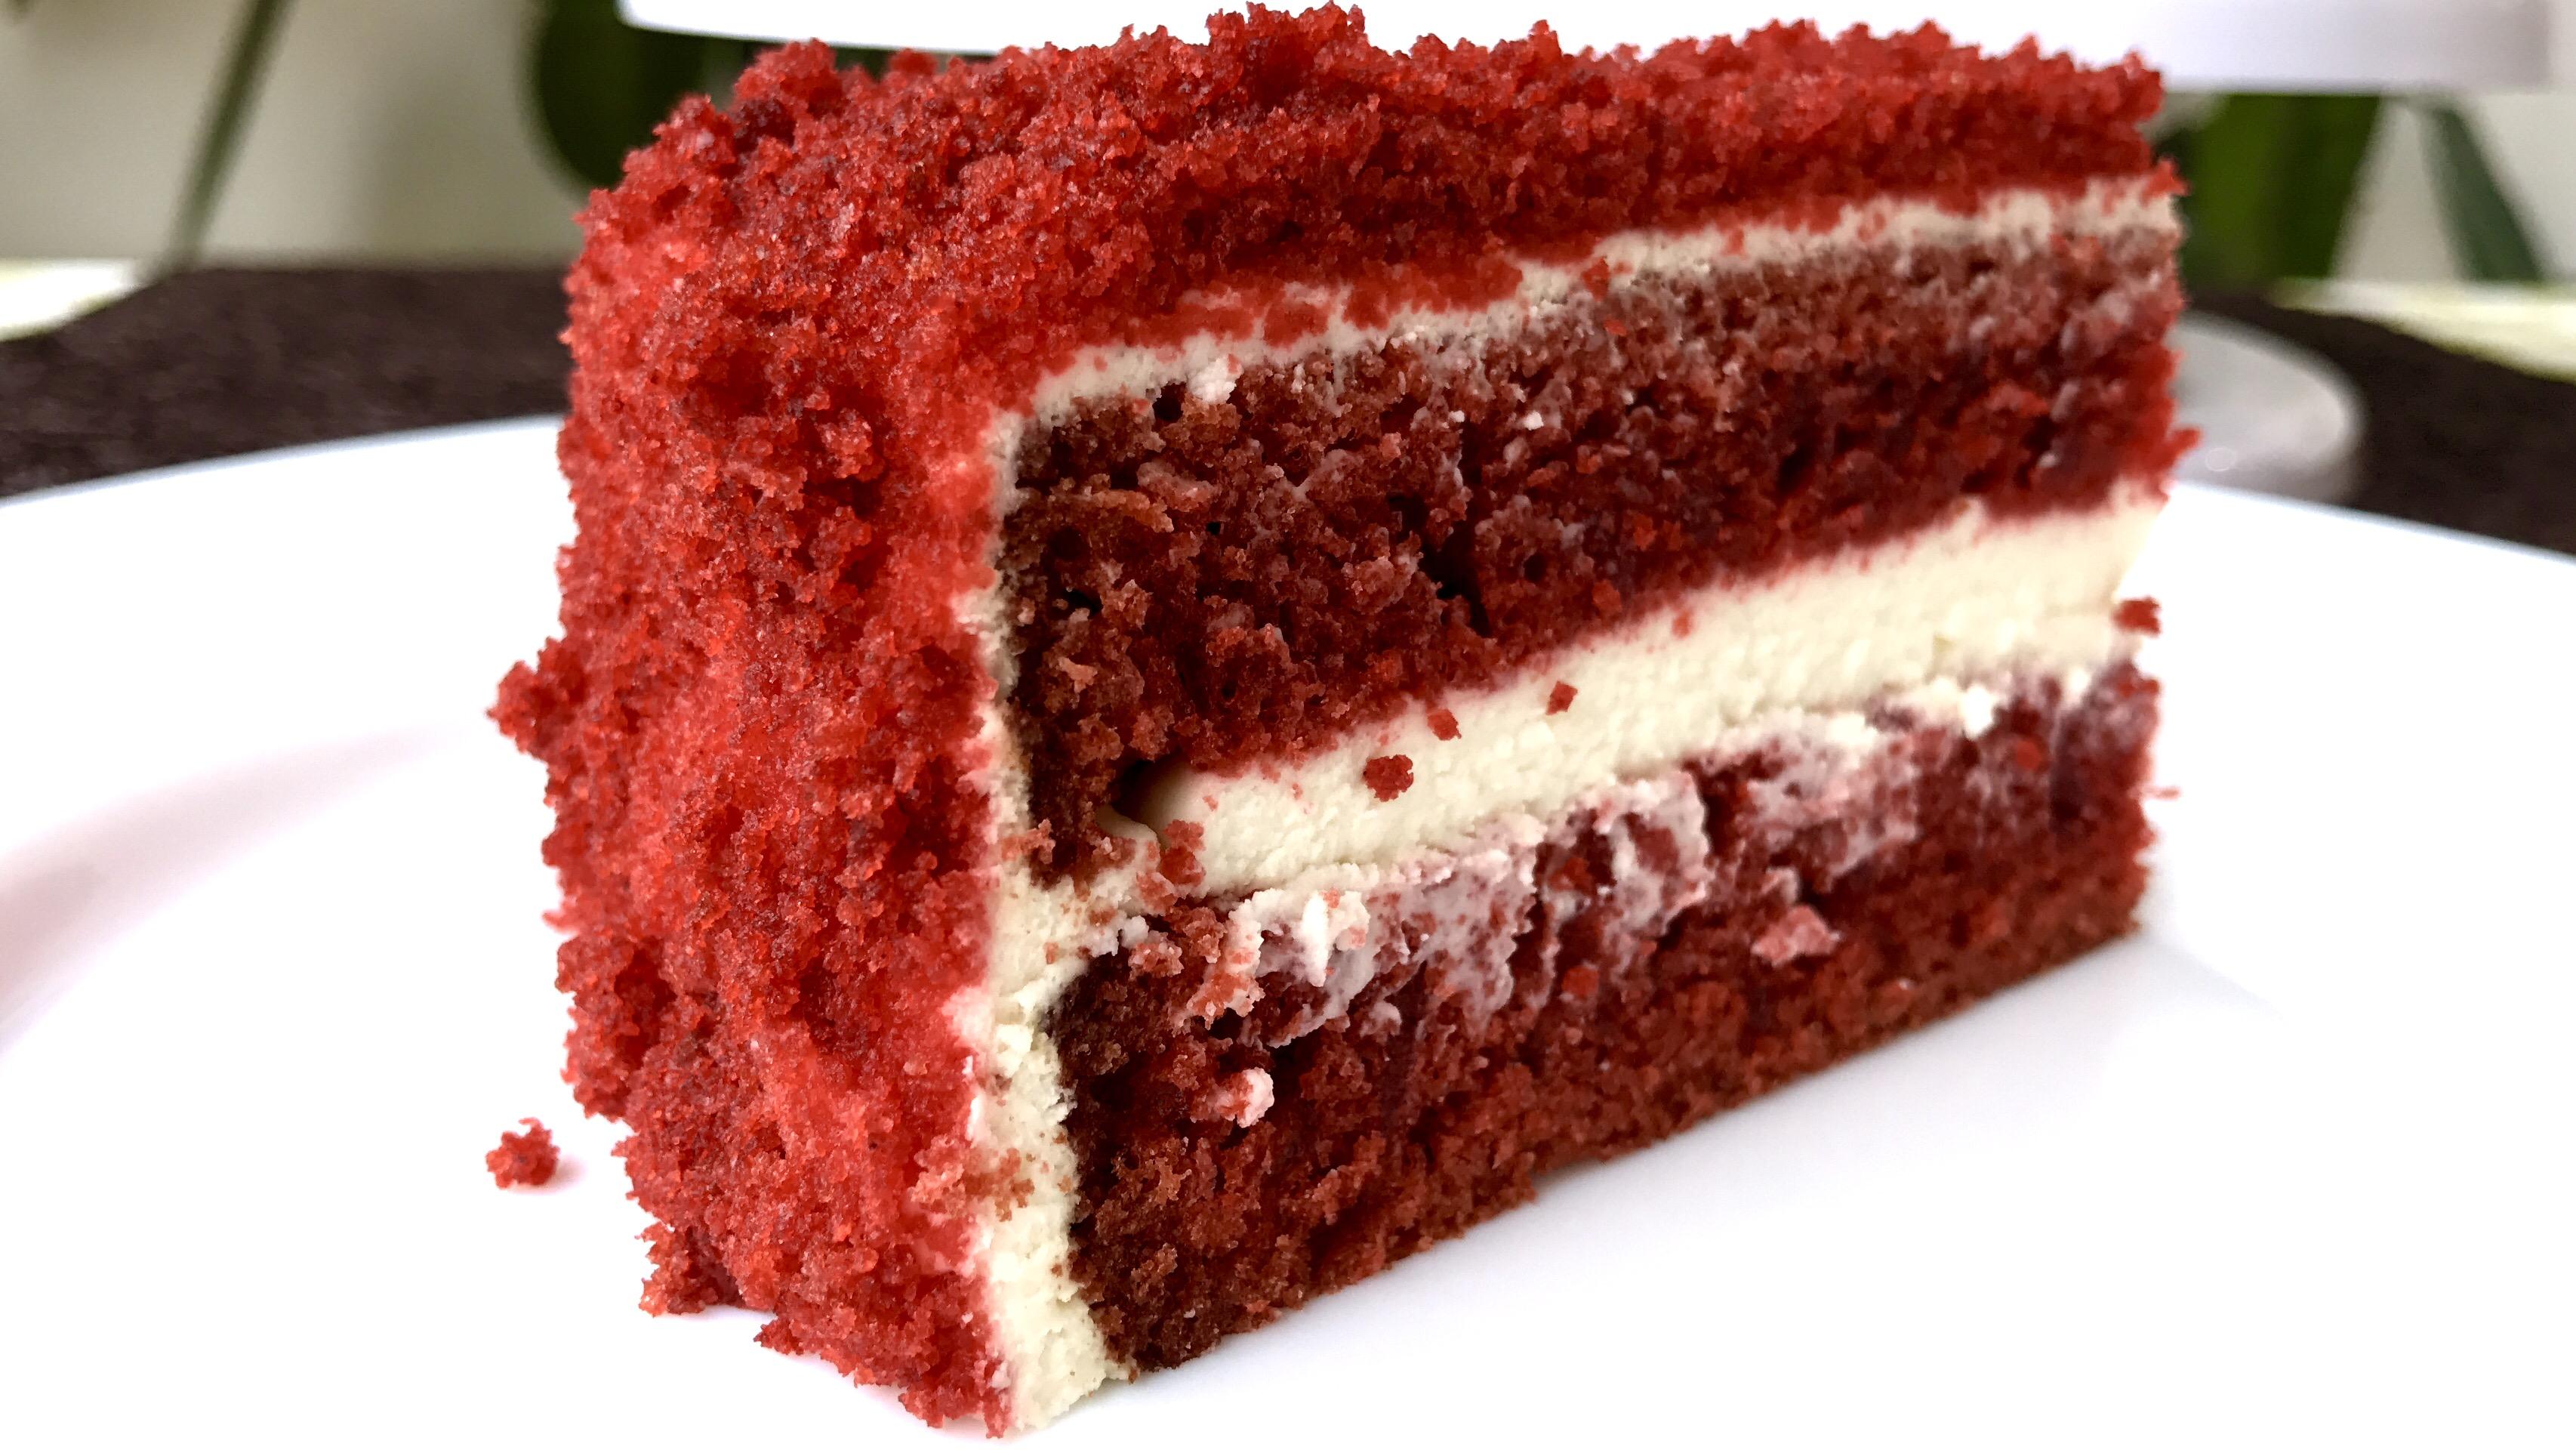 образом бархатный торт рецепт с фото снег, обычно, радует